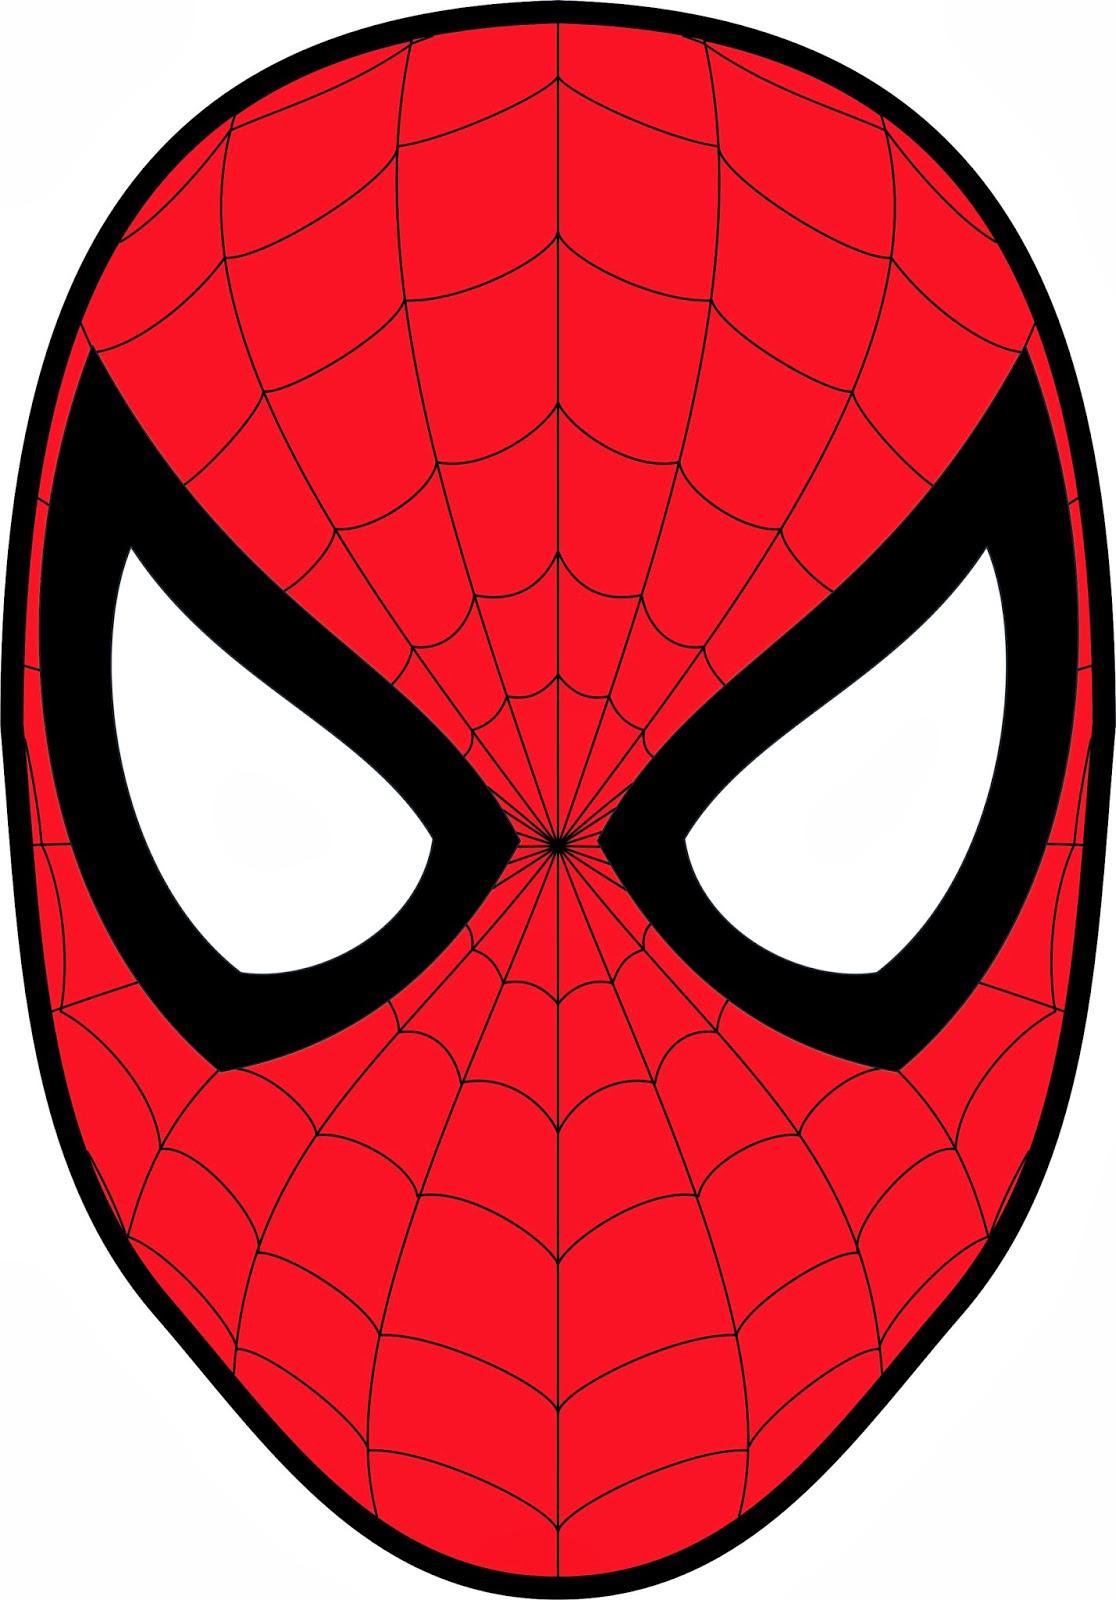 Homem aranha 3 - 2 2